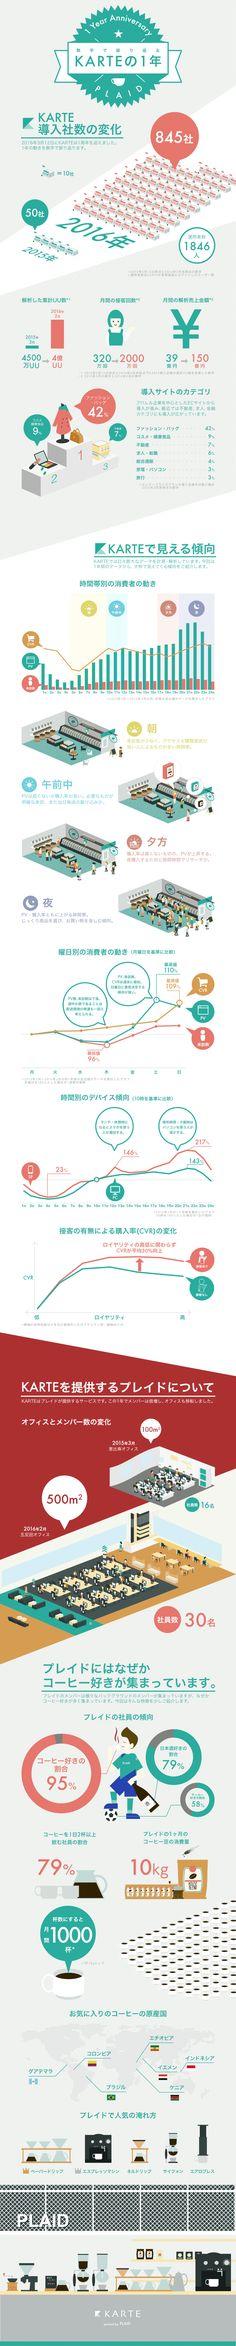 インフォグラフィック「数字で振り返るKARTEの1年」 by 川久保 岳彦 | 株式会社プレイド